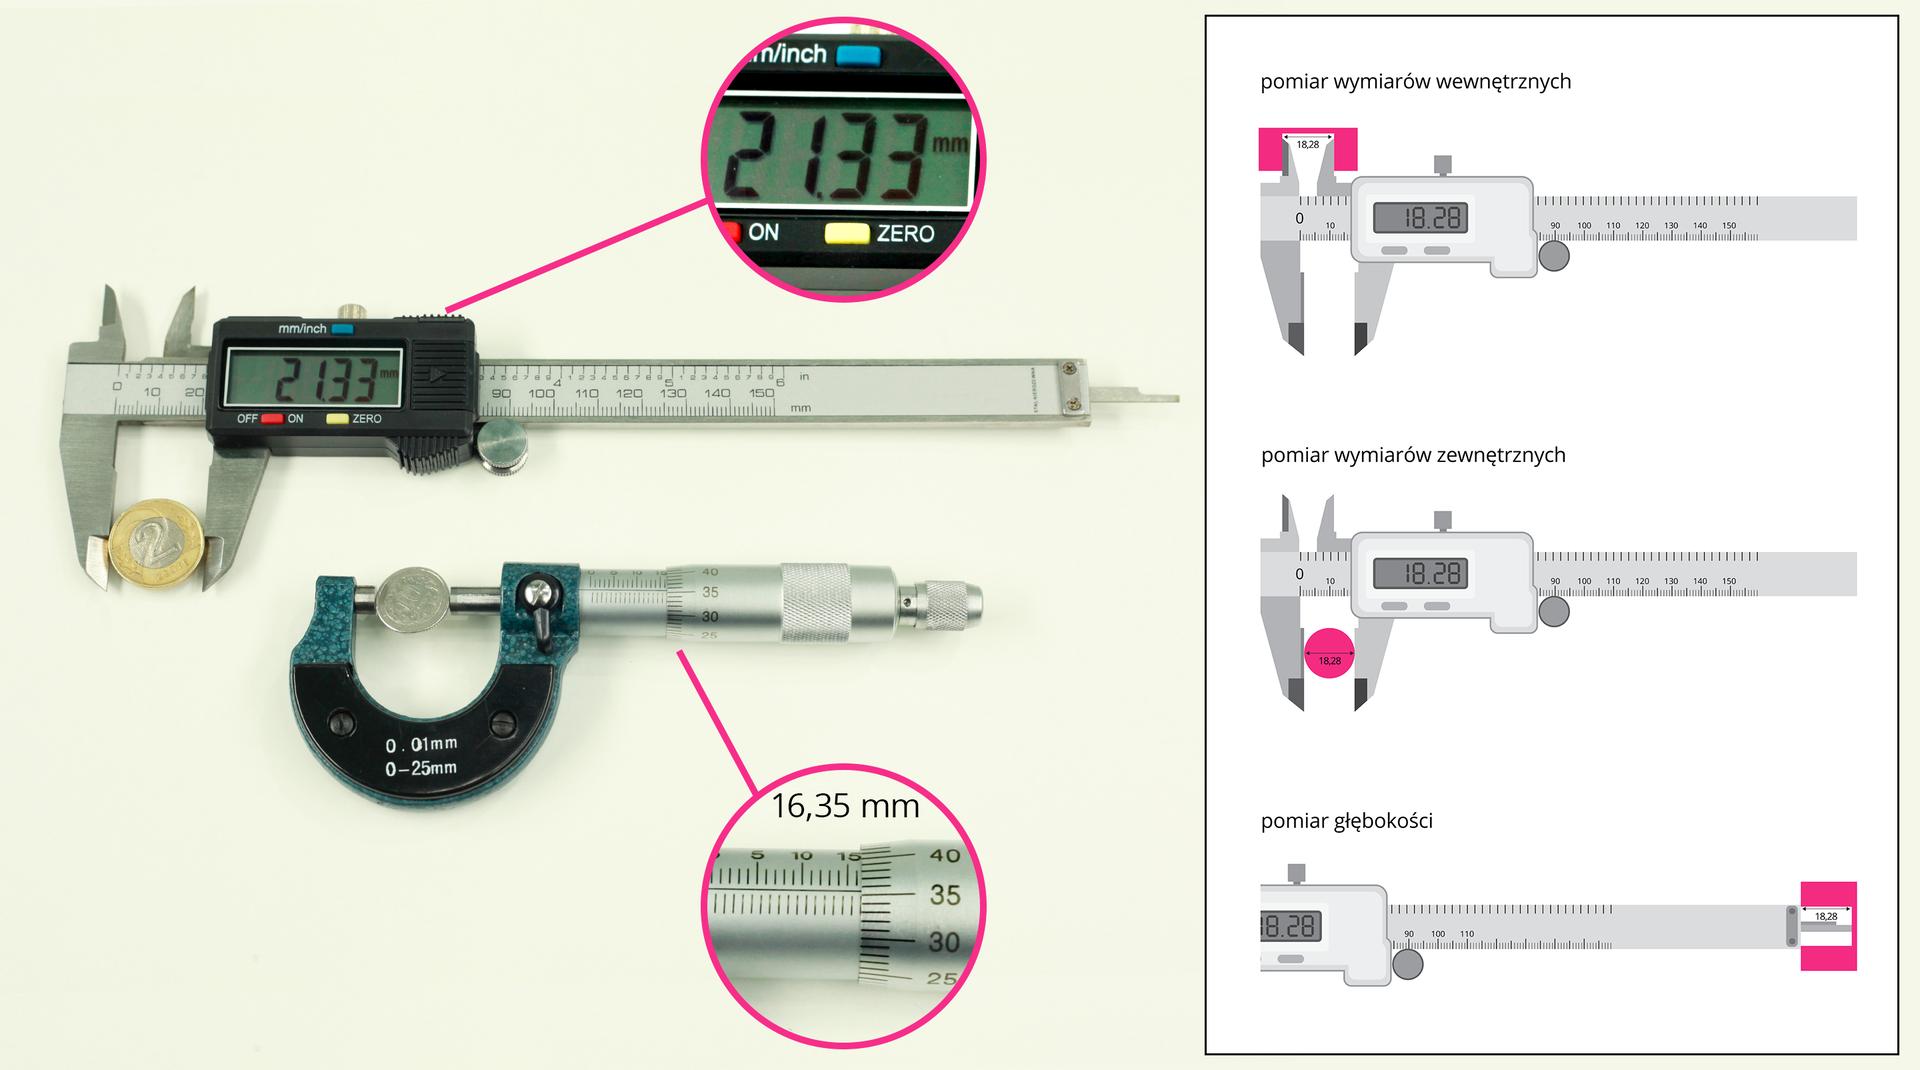 Ilustracja przedstawia przyrządy służące do precyzyjnych pomiarów długości: suwmiarkę iśrubę mikrometryczną.